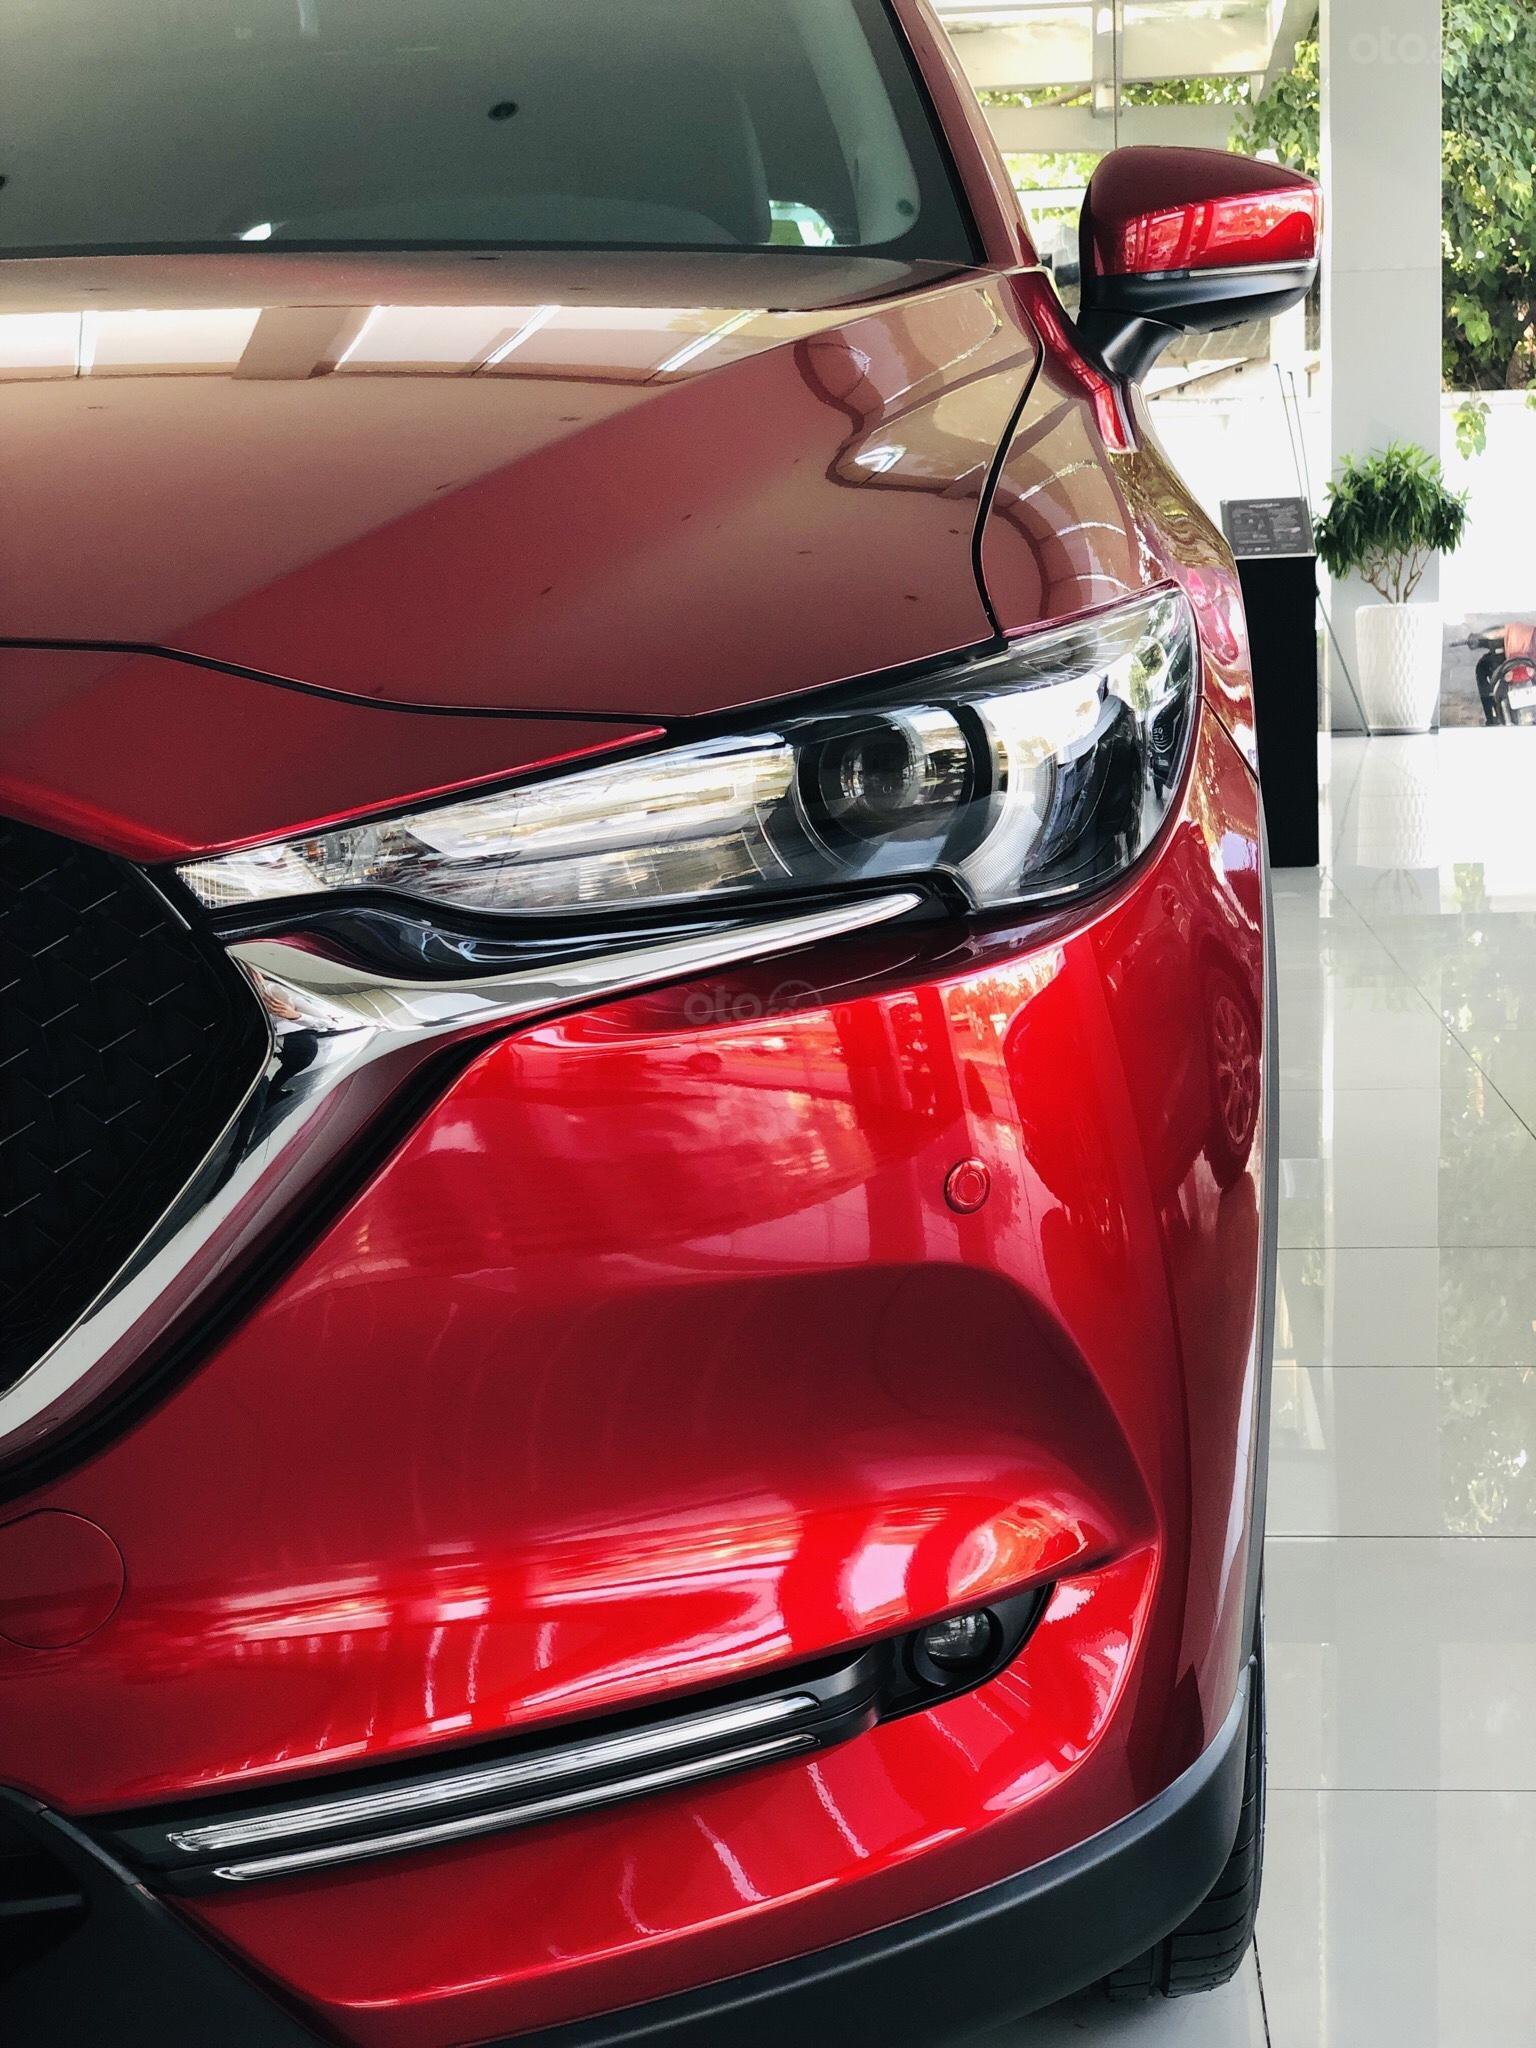 Nhanh tay sở hữu Mazda CX-5 2.5 2WD 2019 - Tặng bảo hiểm vật chất + giảm tiền mặt hấp dẫn (4)